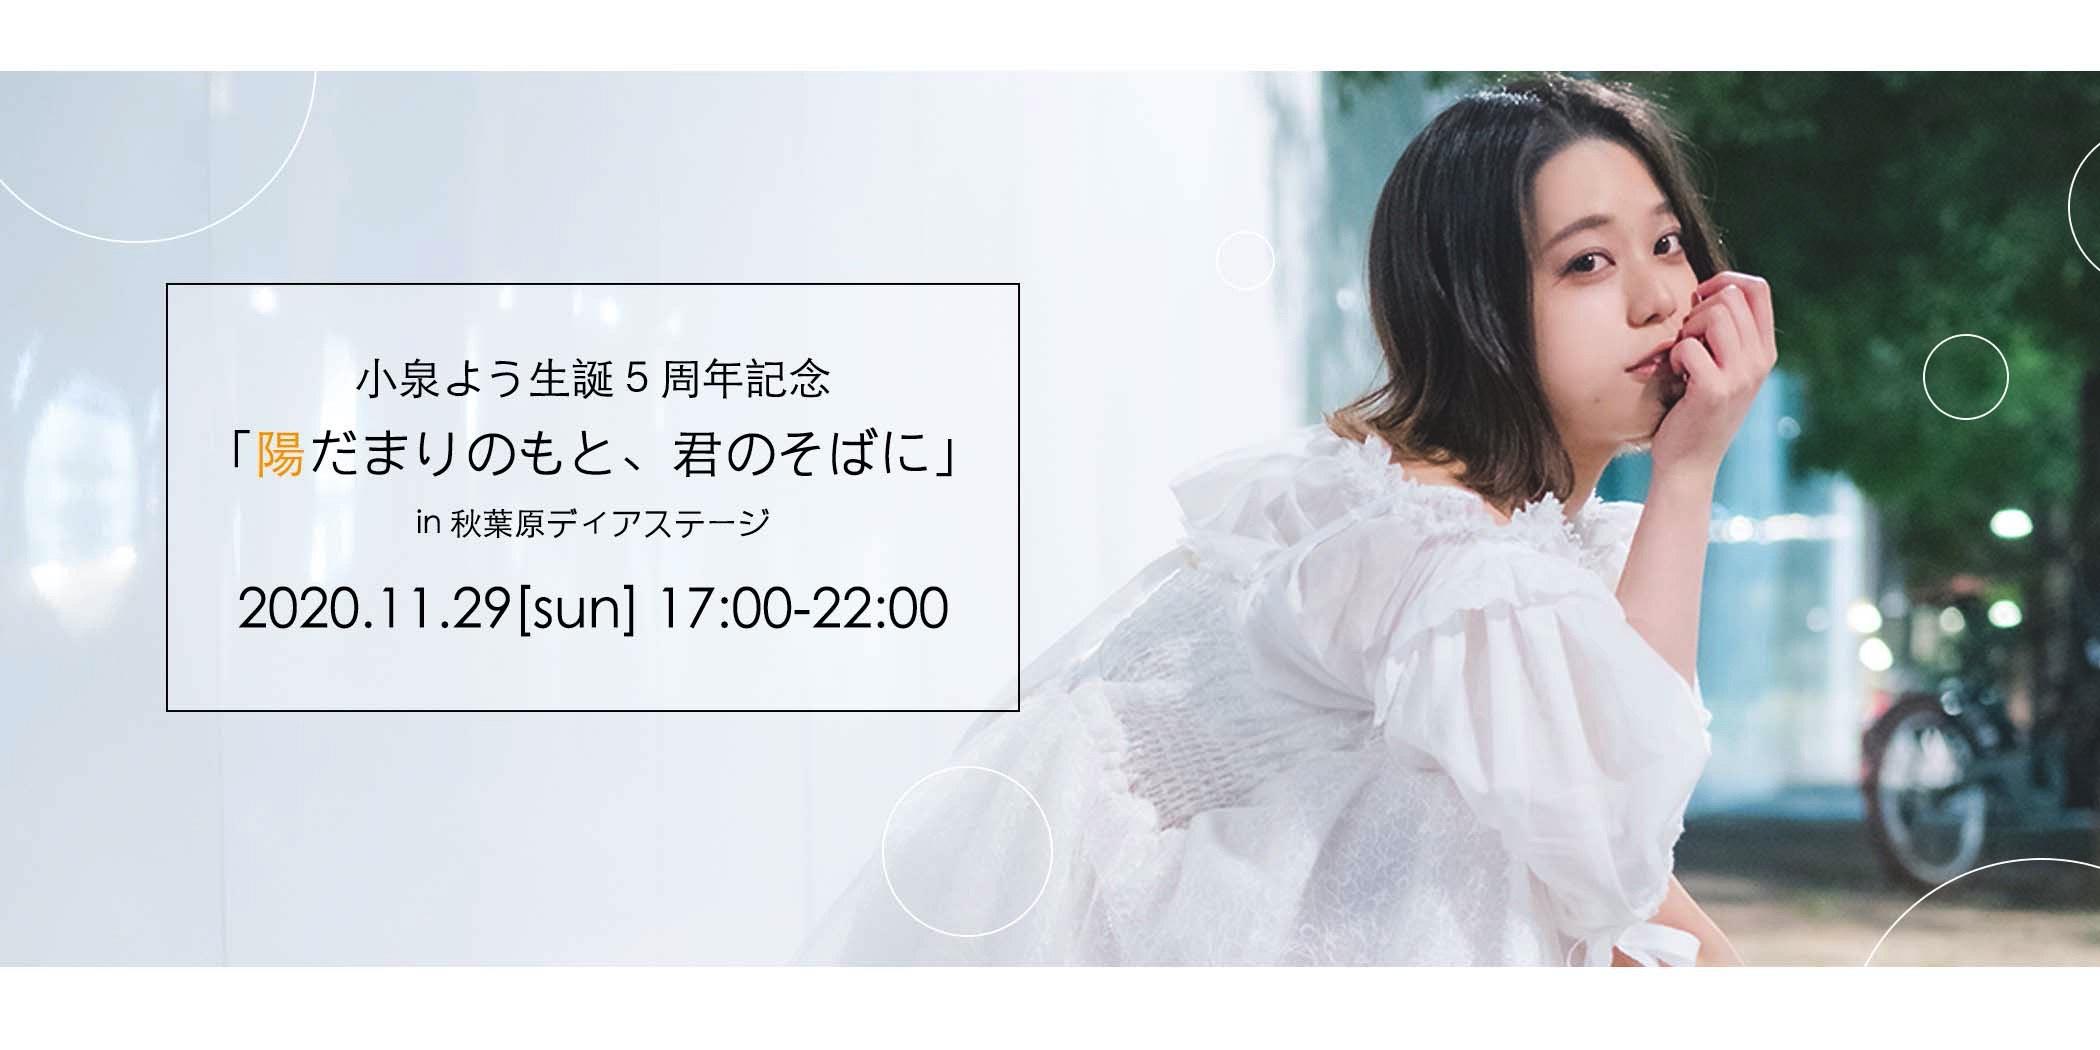 小泉よう生誕5周年記念 「陽だまりのもと、君のそばに」 in 秋葉原ディアステージ